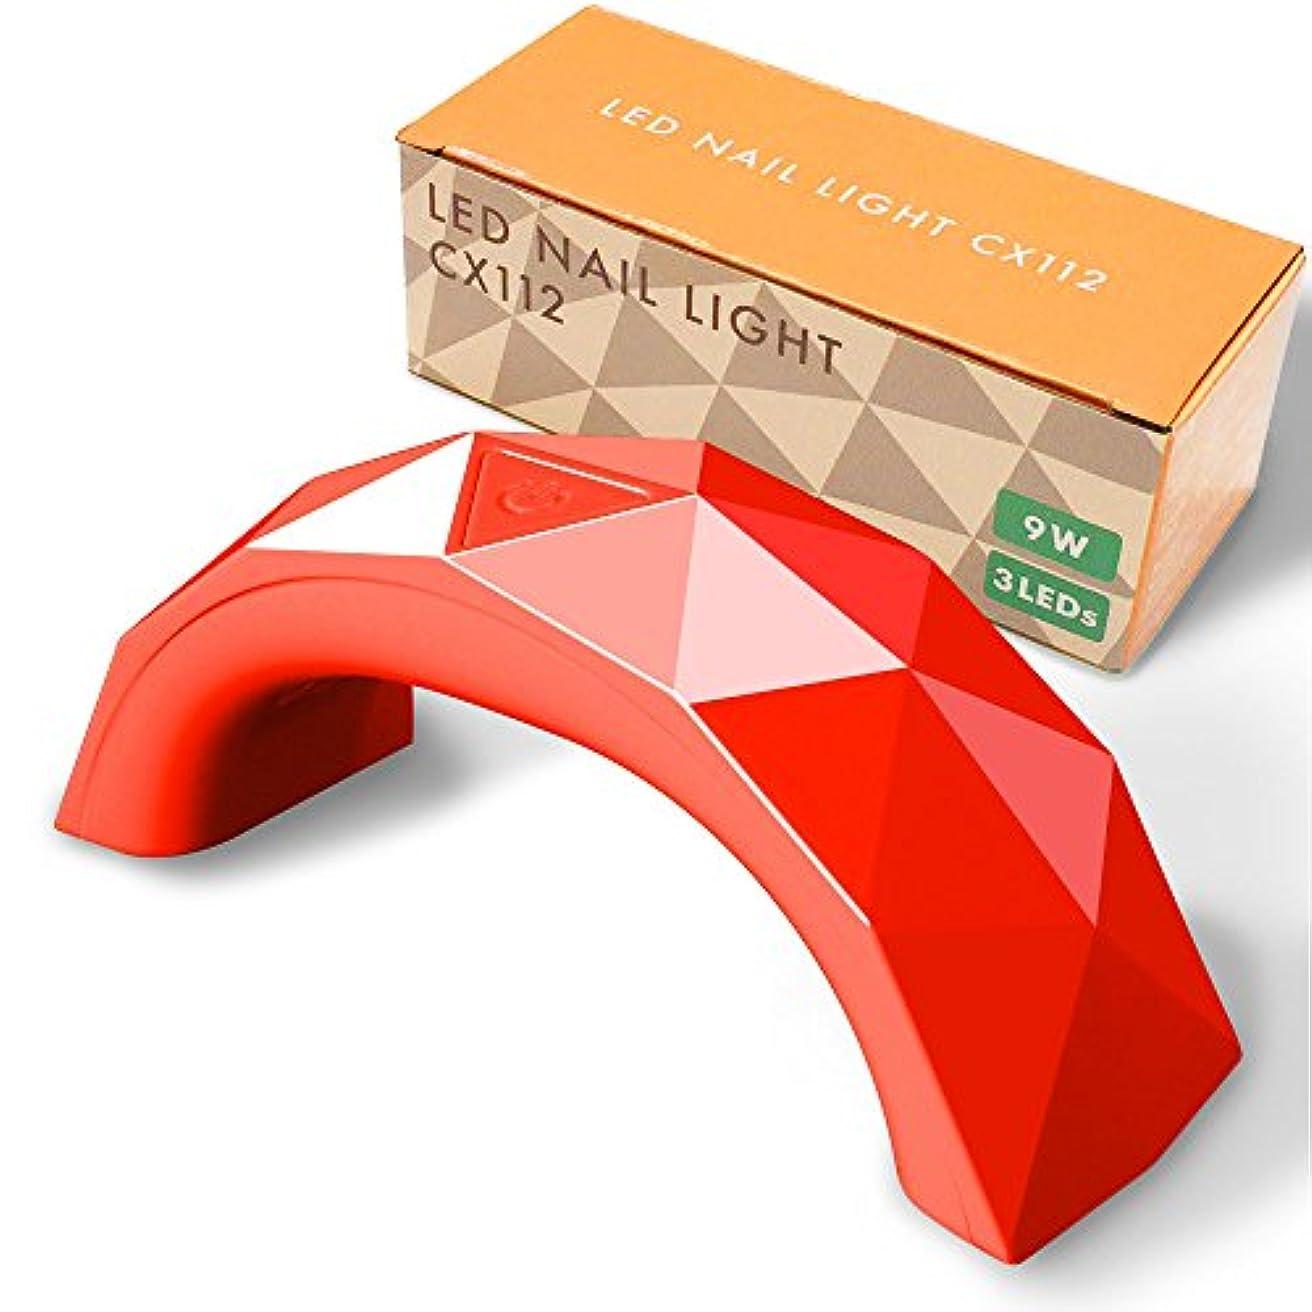 トライアスロン女王思いやり【Centrex】【CX112】ジェルネイル LEDライト 9W 硬化用ライト タイマー付き ハイパワーチップ式LED球 USB式 (レッド)